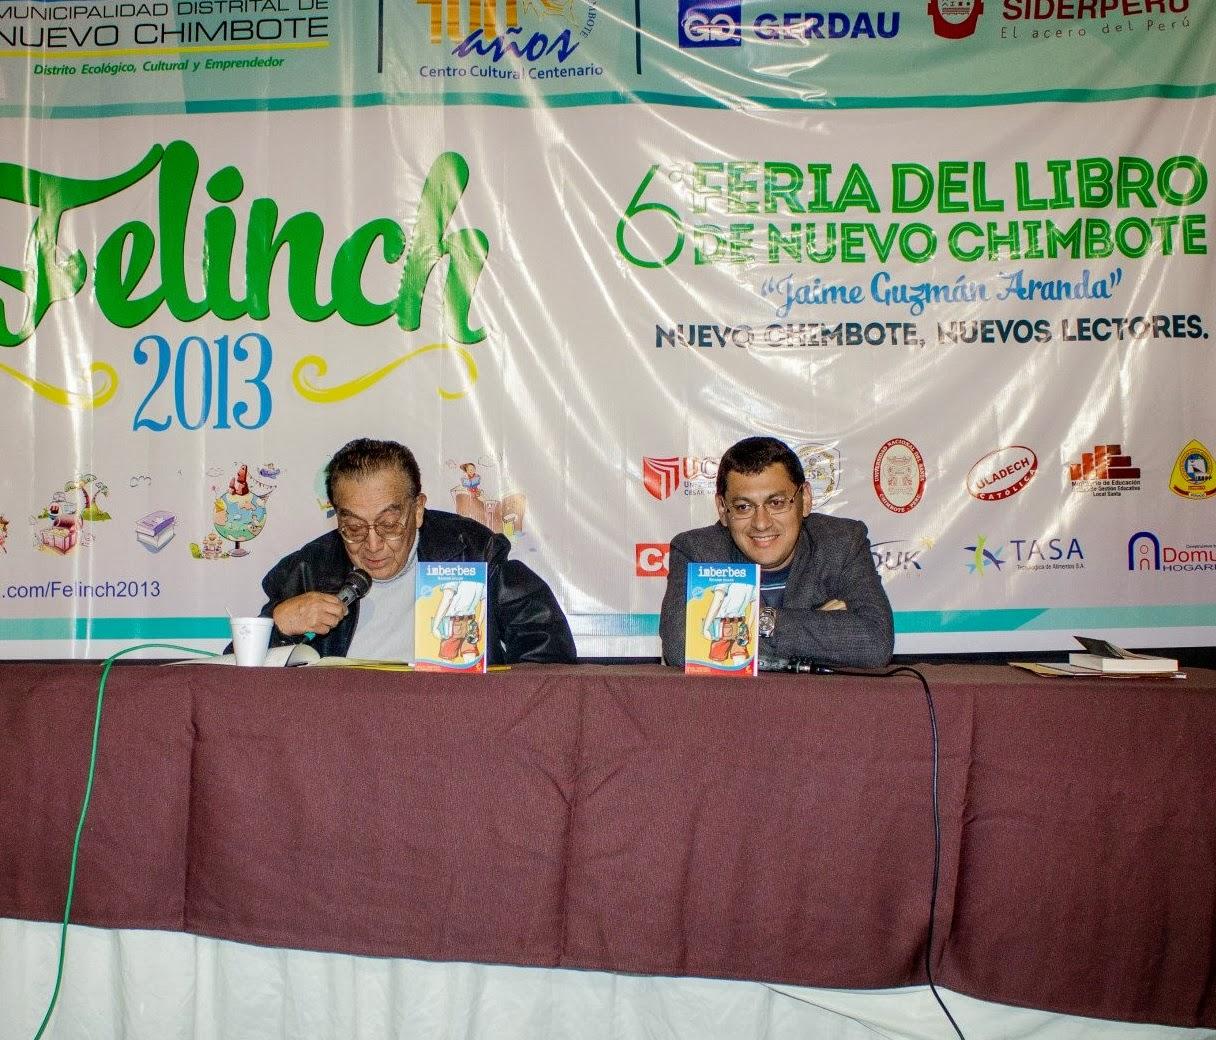 PRESENTACIÓN DE IMBERBES. FERIA DEL LIBRO DE NUEVO CHIMBOTE